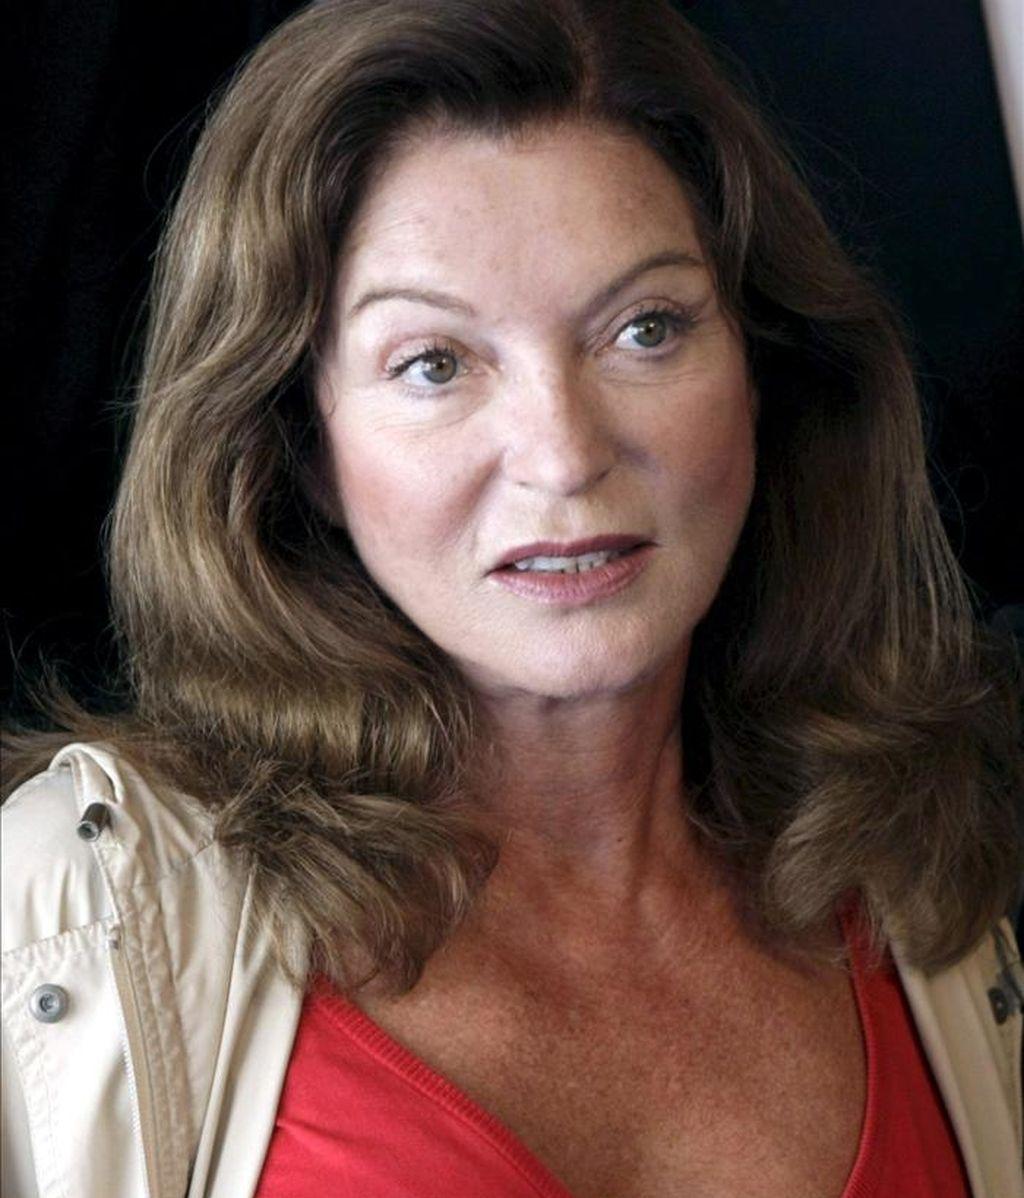 La directora, guionista y actriz francesa Marie-France Pisier. EFE/Archivo